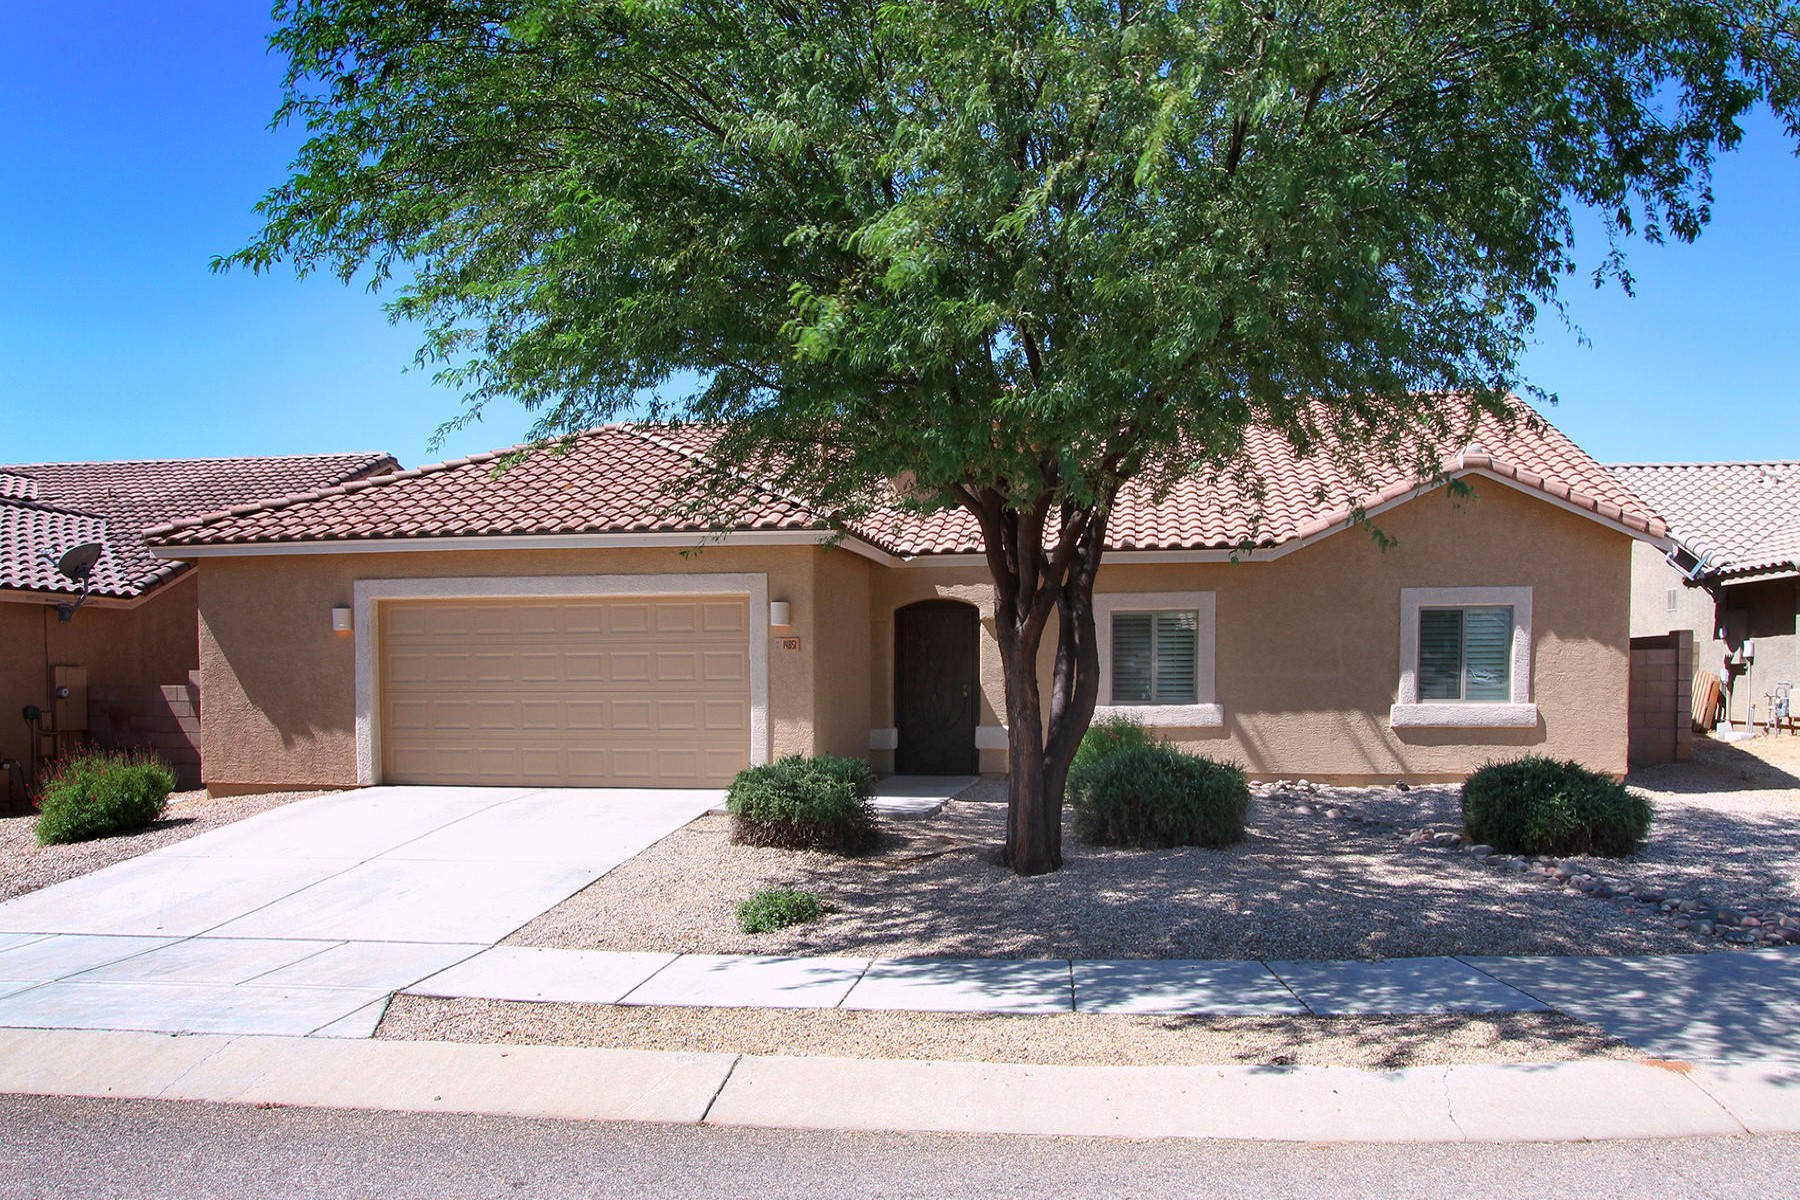 Maison unifamiliale pour l Vente à Stunning US Homes most popular Gold Bullion II model 14851 N Welsh Road Tucson, Arizona 85739 États-Unis